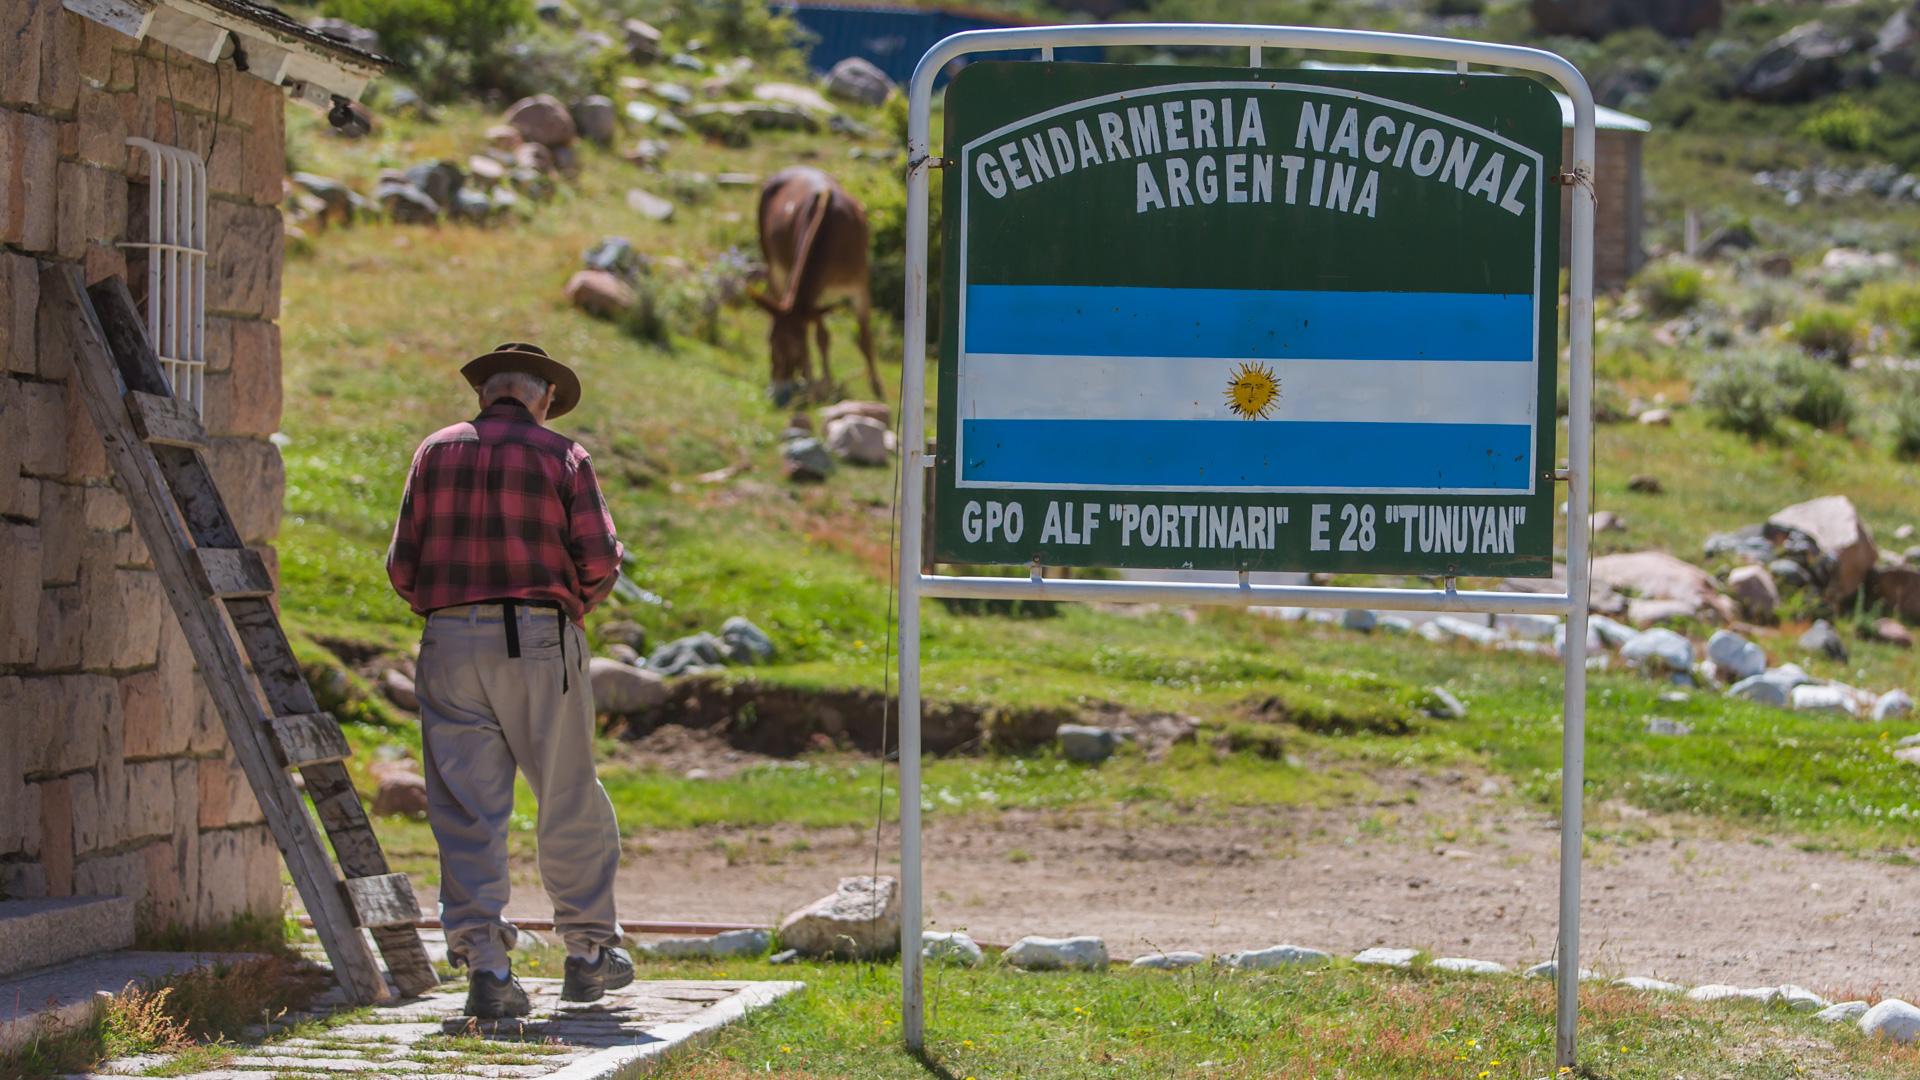 Posterunek straży granicznej Argentyna. Cabalgata 2017